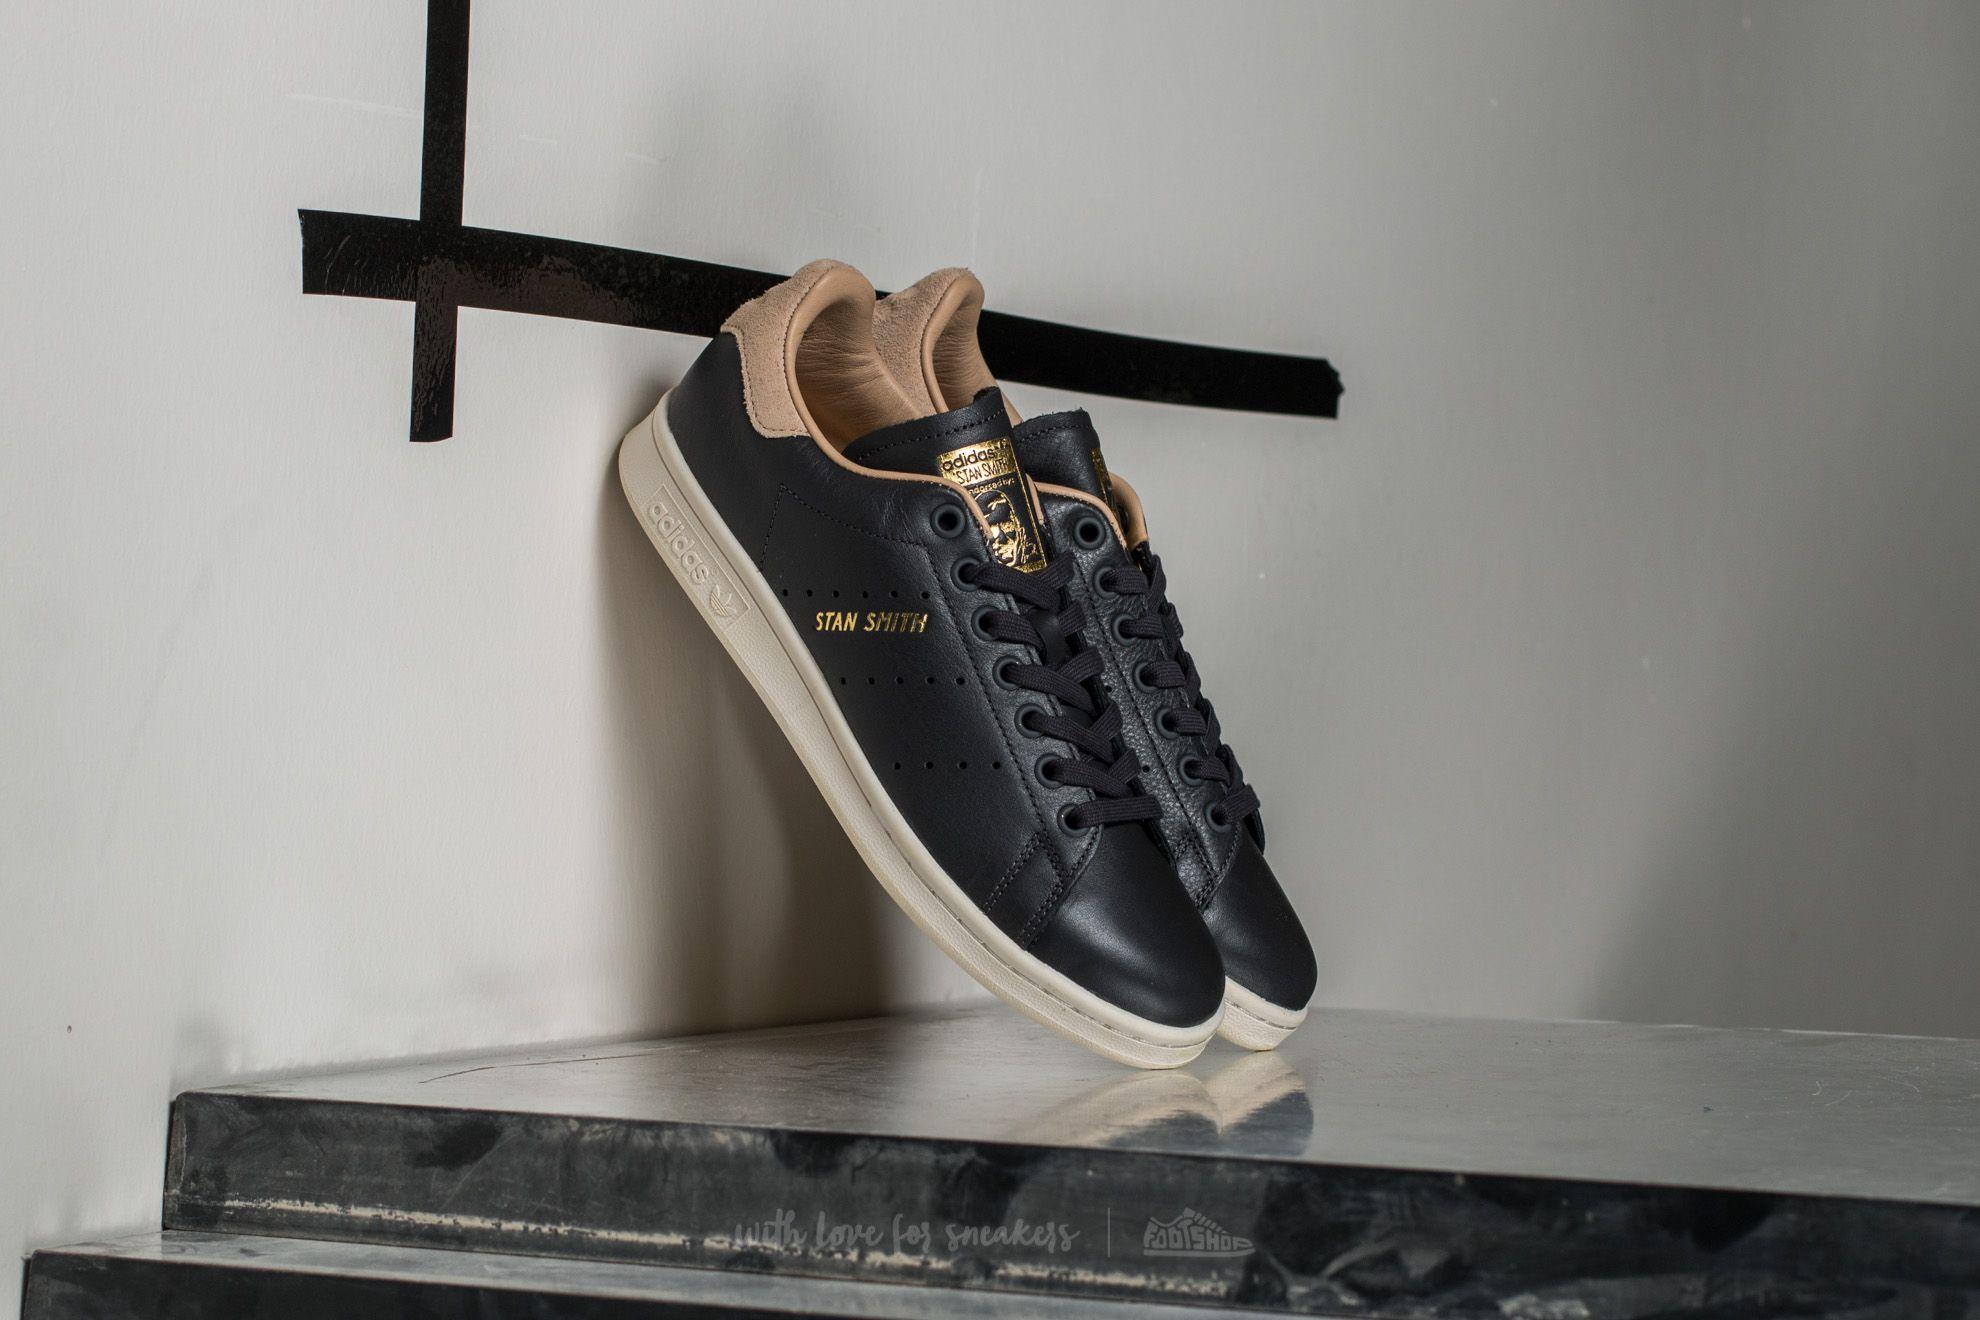 adidas Stan Smith W Utility Black/ Utility Black/ St Pale Nude Footshop – FR